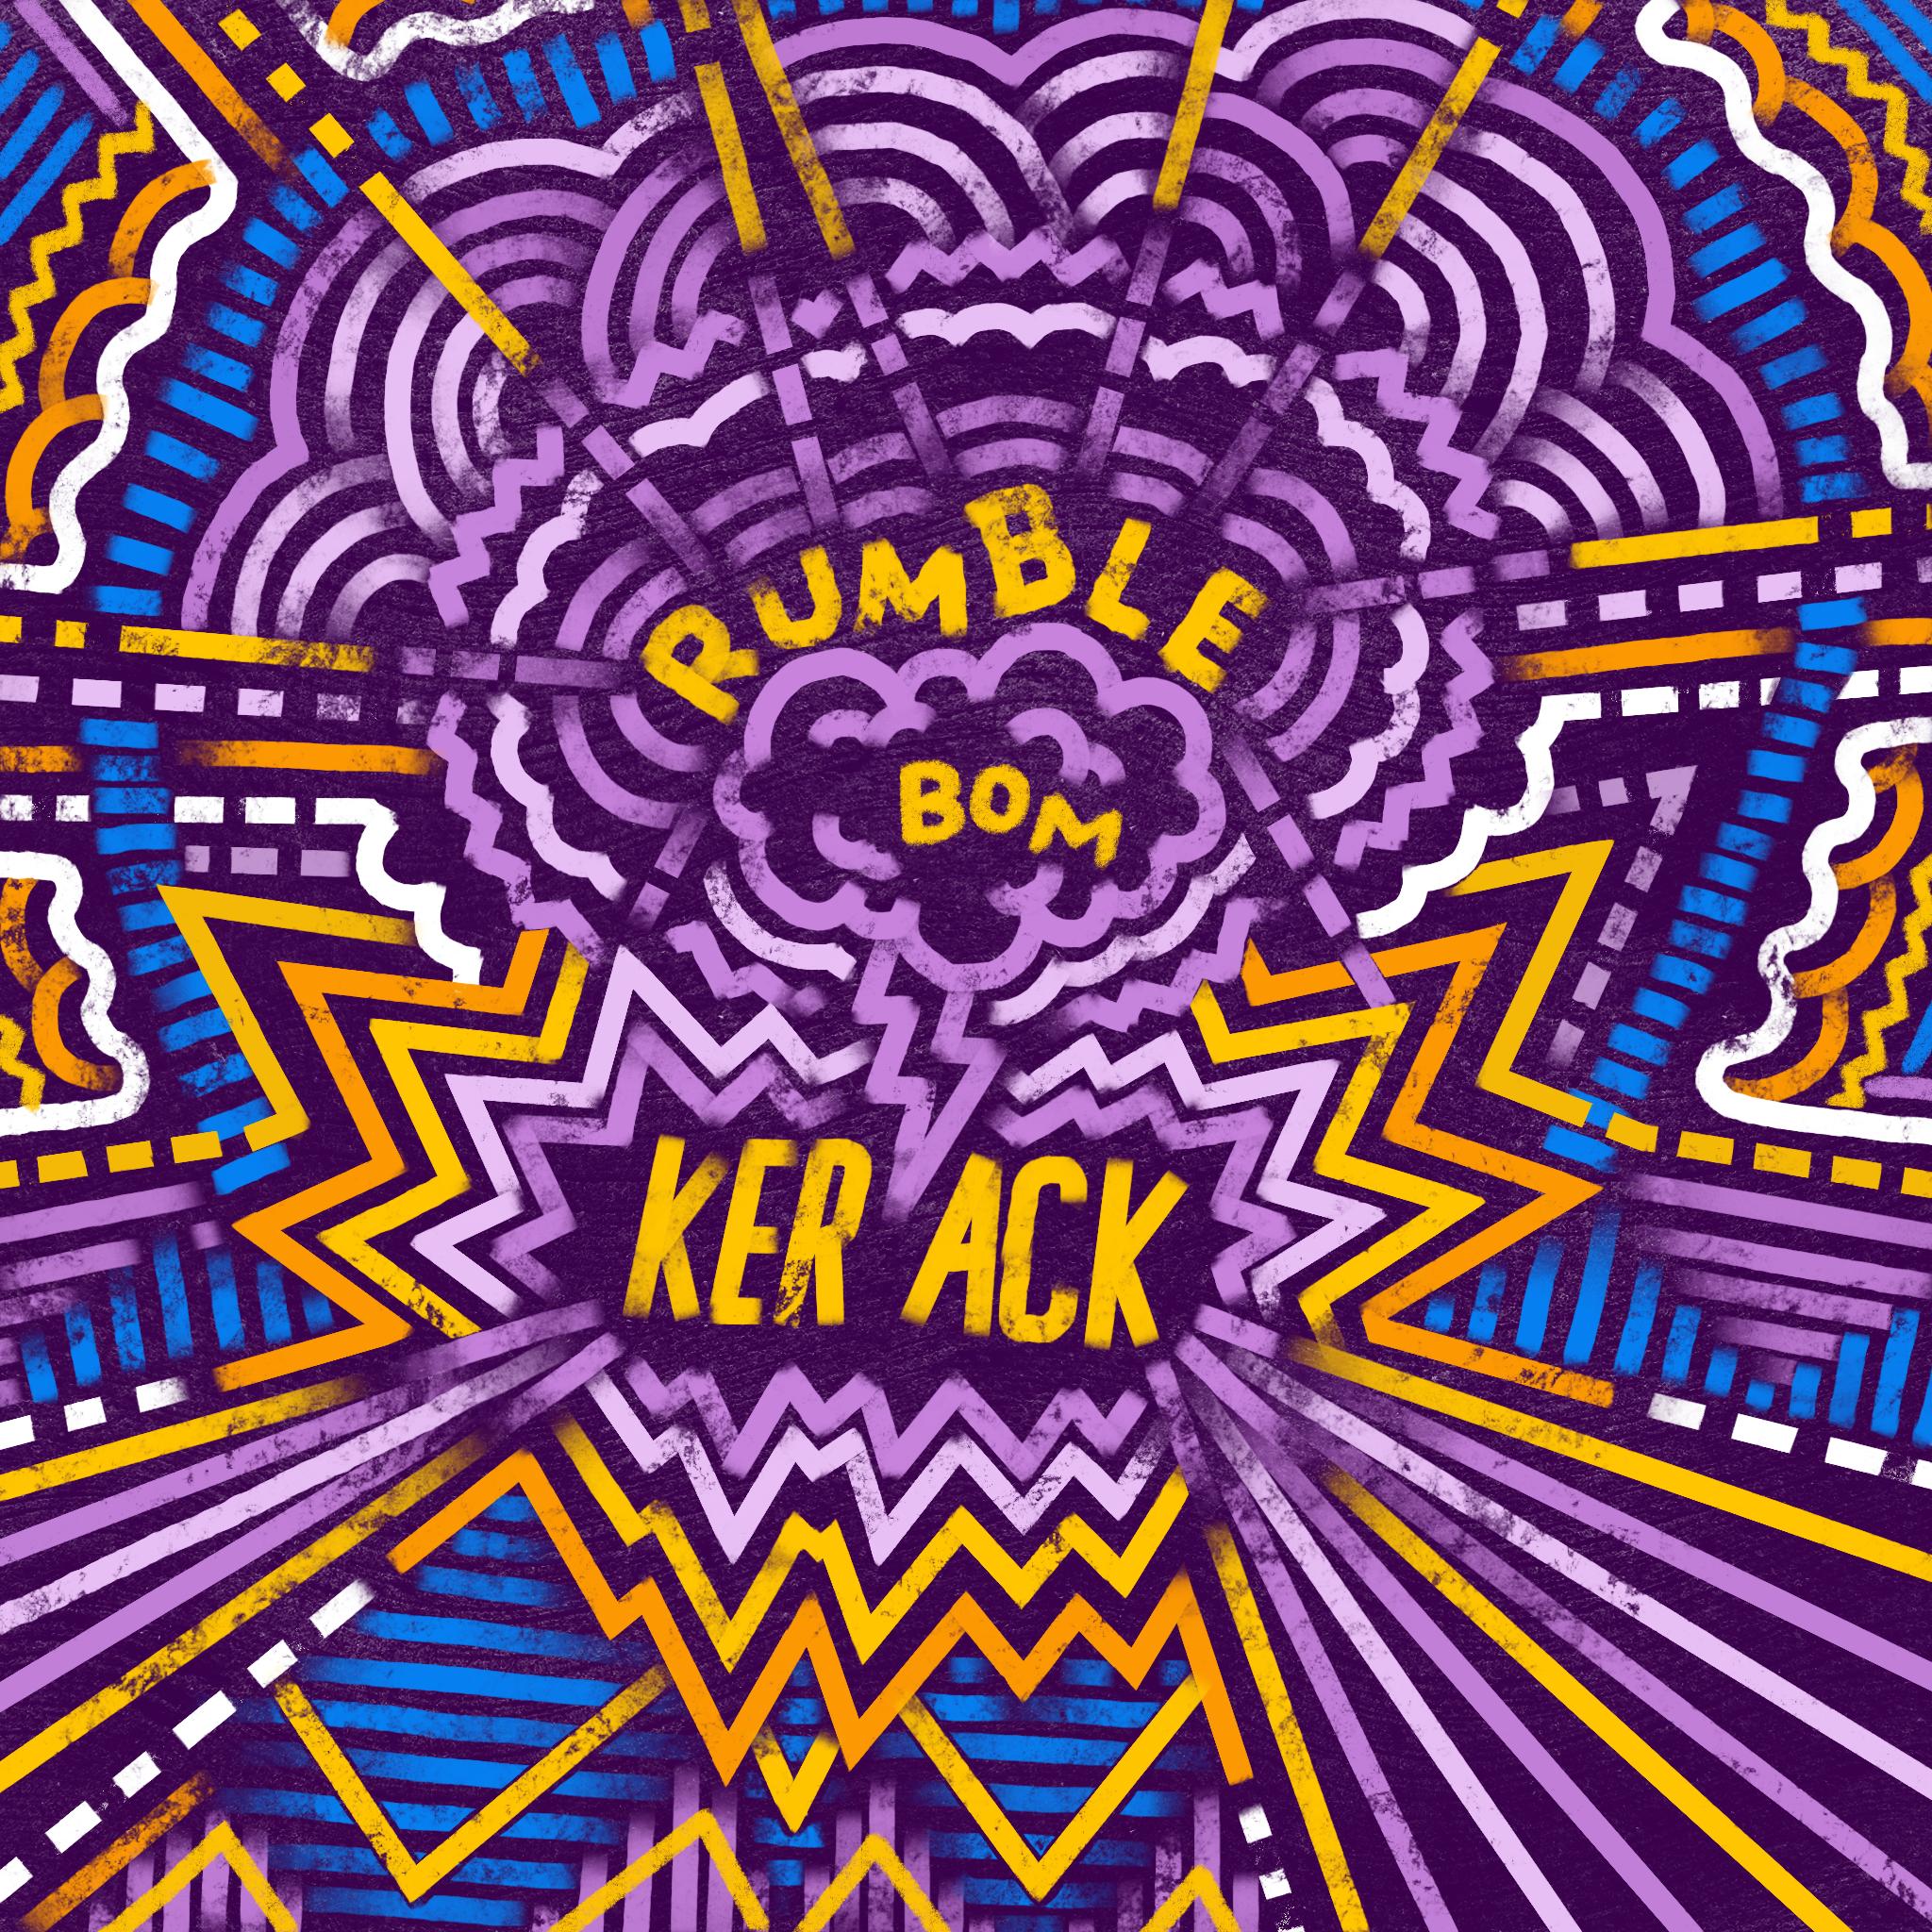 Digital Drawing: Rumble Bom Ker-Ack